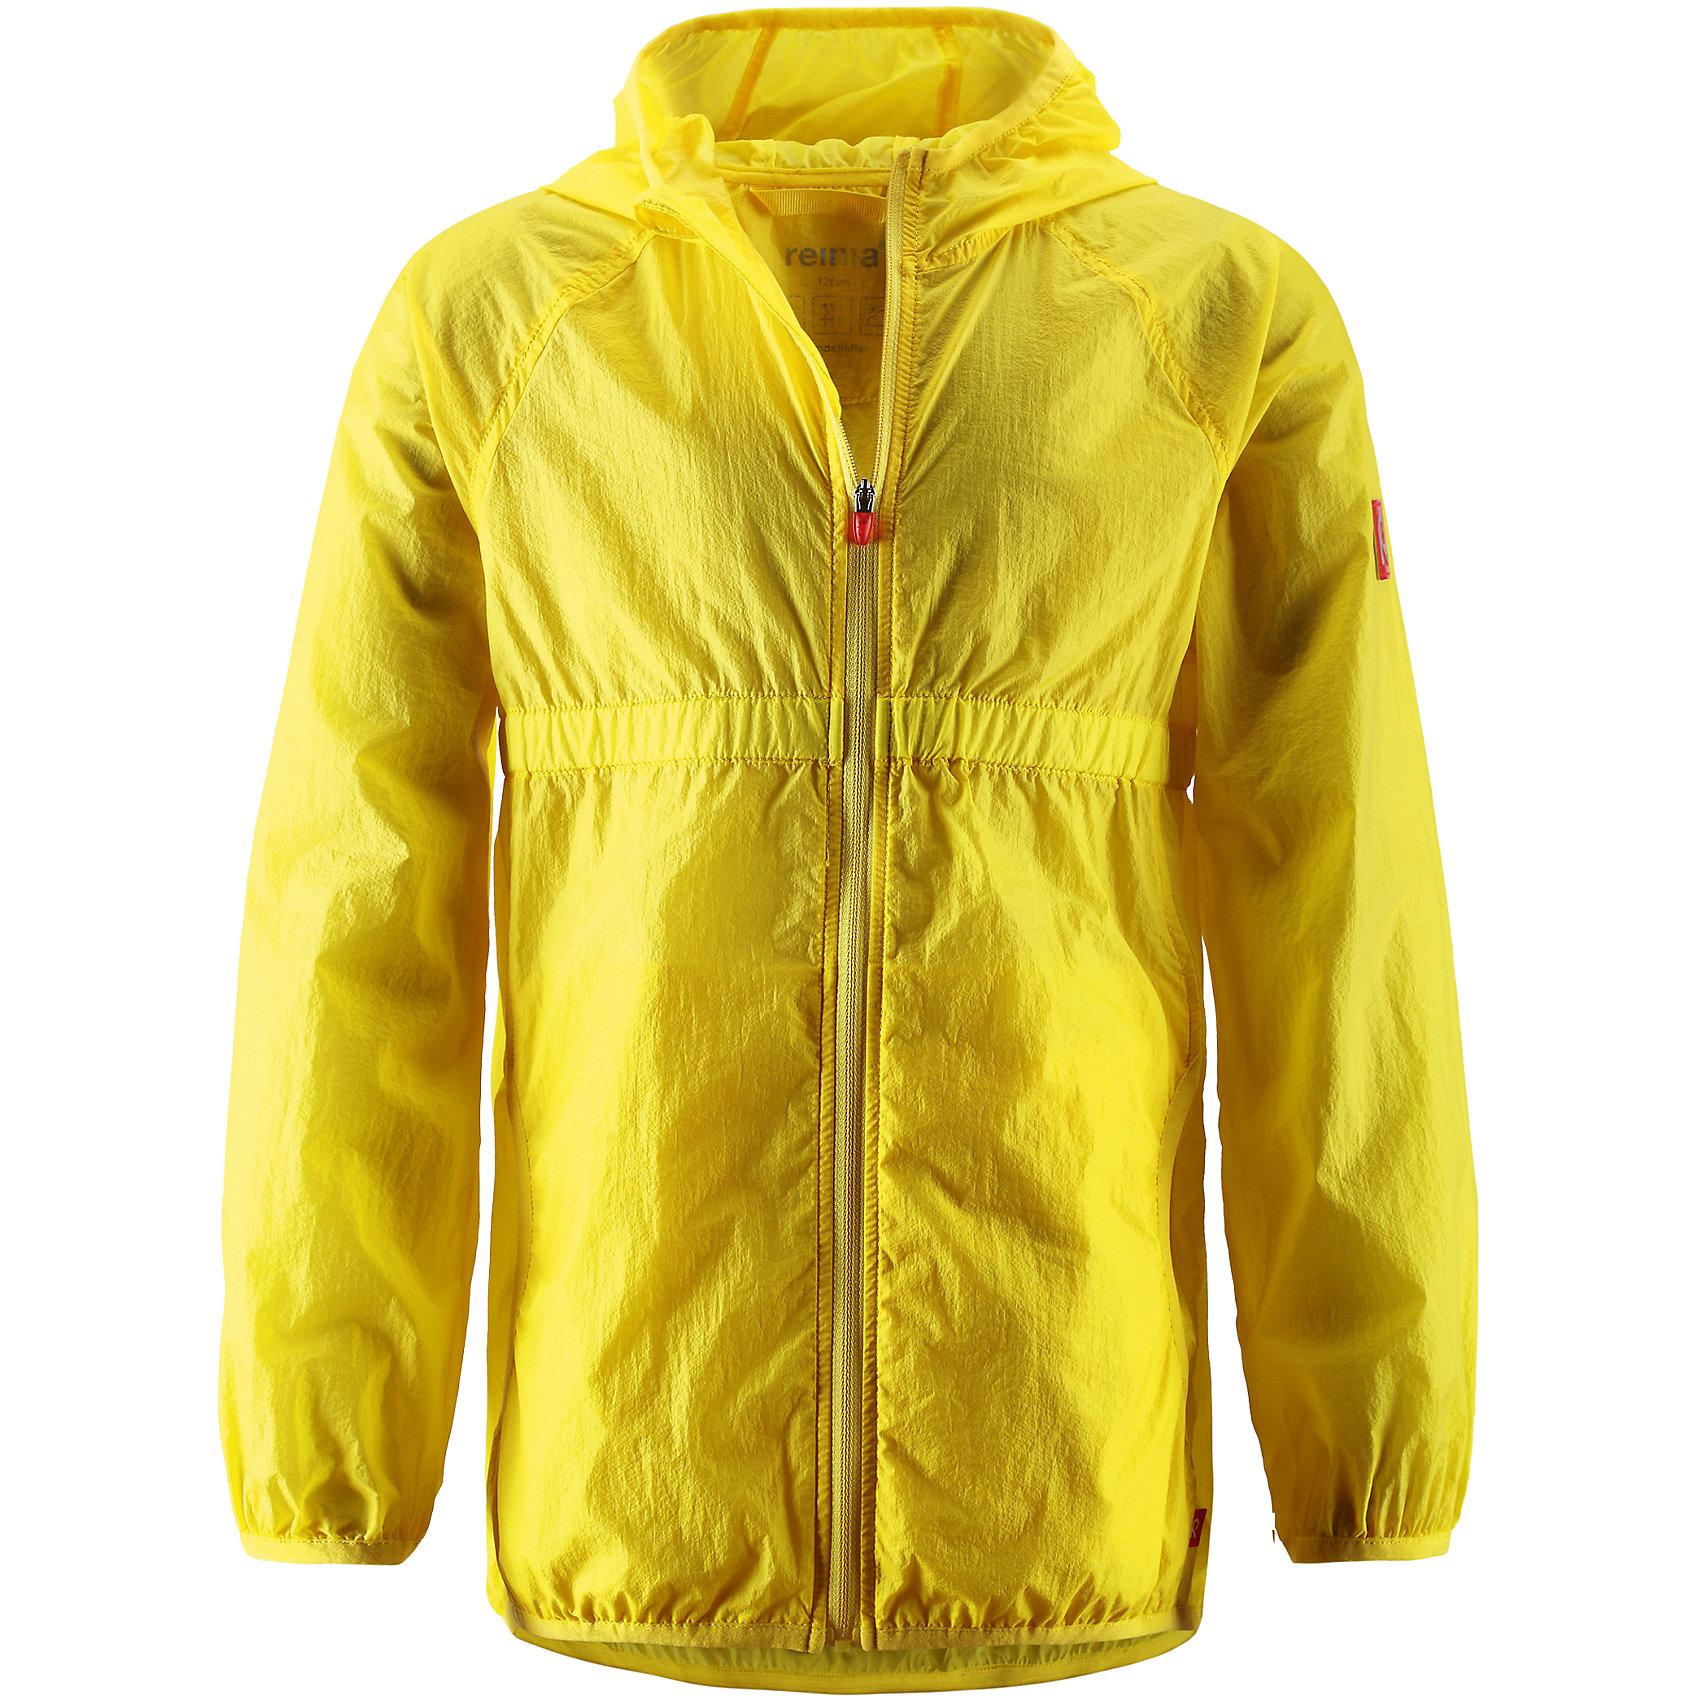 Пальто для девочки ReimaОдежда<br>Пальто для девочки Reima (Рейма), желтый от известного финского производителя  детской одежды Reima. Пальто-ветровка выполнена из полиамида, который обладает высокой износоустойчивостью, воздухопроницаемыми, водооталкивающими и грязеотталкивающими свойствами. Изделие устойчиво к изменению формы и цвета даже при длительном использовании. Пальто имеет классическую форму: прямой силуэт с завышенной талией, кант повторяется на рукавах и капюшоне, воротник-стойка, застежка-молния с защитой у подбородка и 2 боковых прорезных кармана, также имеются внутренние карманы. Изделие имеет полиуретановое покрытие, что делает его непромокаемым даже в дождливую погоду. Ветровка идеально подходит для весенних и осенних прогулок.<br><br>Дополнительная информация:<br><br>- Предназначение: повседневная одежда для прогулок и активного отдыха<br>- Цвет: желтый<br>- Пол: для девочки<br>- Состав: 100% полиамид, полиуретановое покрытие<br>- Сезон: весна-осень (демисезонная)<br>- Особенности ухода: стирать изделие, предварительно вывернув его на левую сторону, не использовать отбеливающие вещества<br><br>Подробнее:<br><br>• Для детей в возрасте: от 6 лет и до 7 лет<br>• Страна производитель: Китай<br>• Торговый бренд: Reima, Финляндия<br><br>Пальто для девочки Reima (Рейма), желтый можно купить в нашем интернет-магазине.<br><br>Ширина мм: 356<br>Глубина мм: 10<br>Высота мм: 245<br>Вес г: 519<br>Цвет: желтый<br>Возраст от месяцев: 72<br>Возраст до месяцев: 84<br>Пол: Женский<br>Возраст: Детский<br>Размер: 122,134,140,128,116,110<br>SKU: 4653969